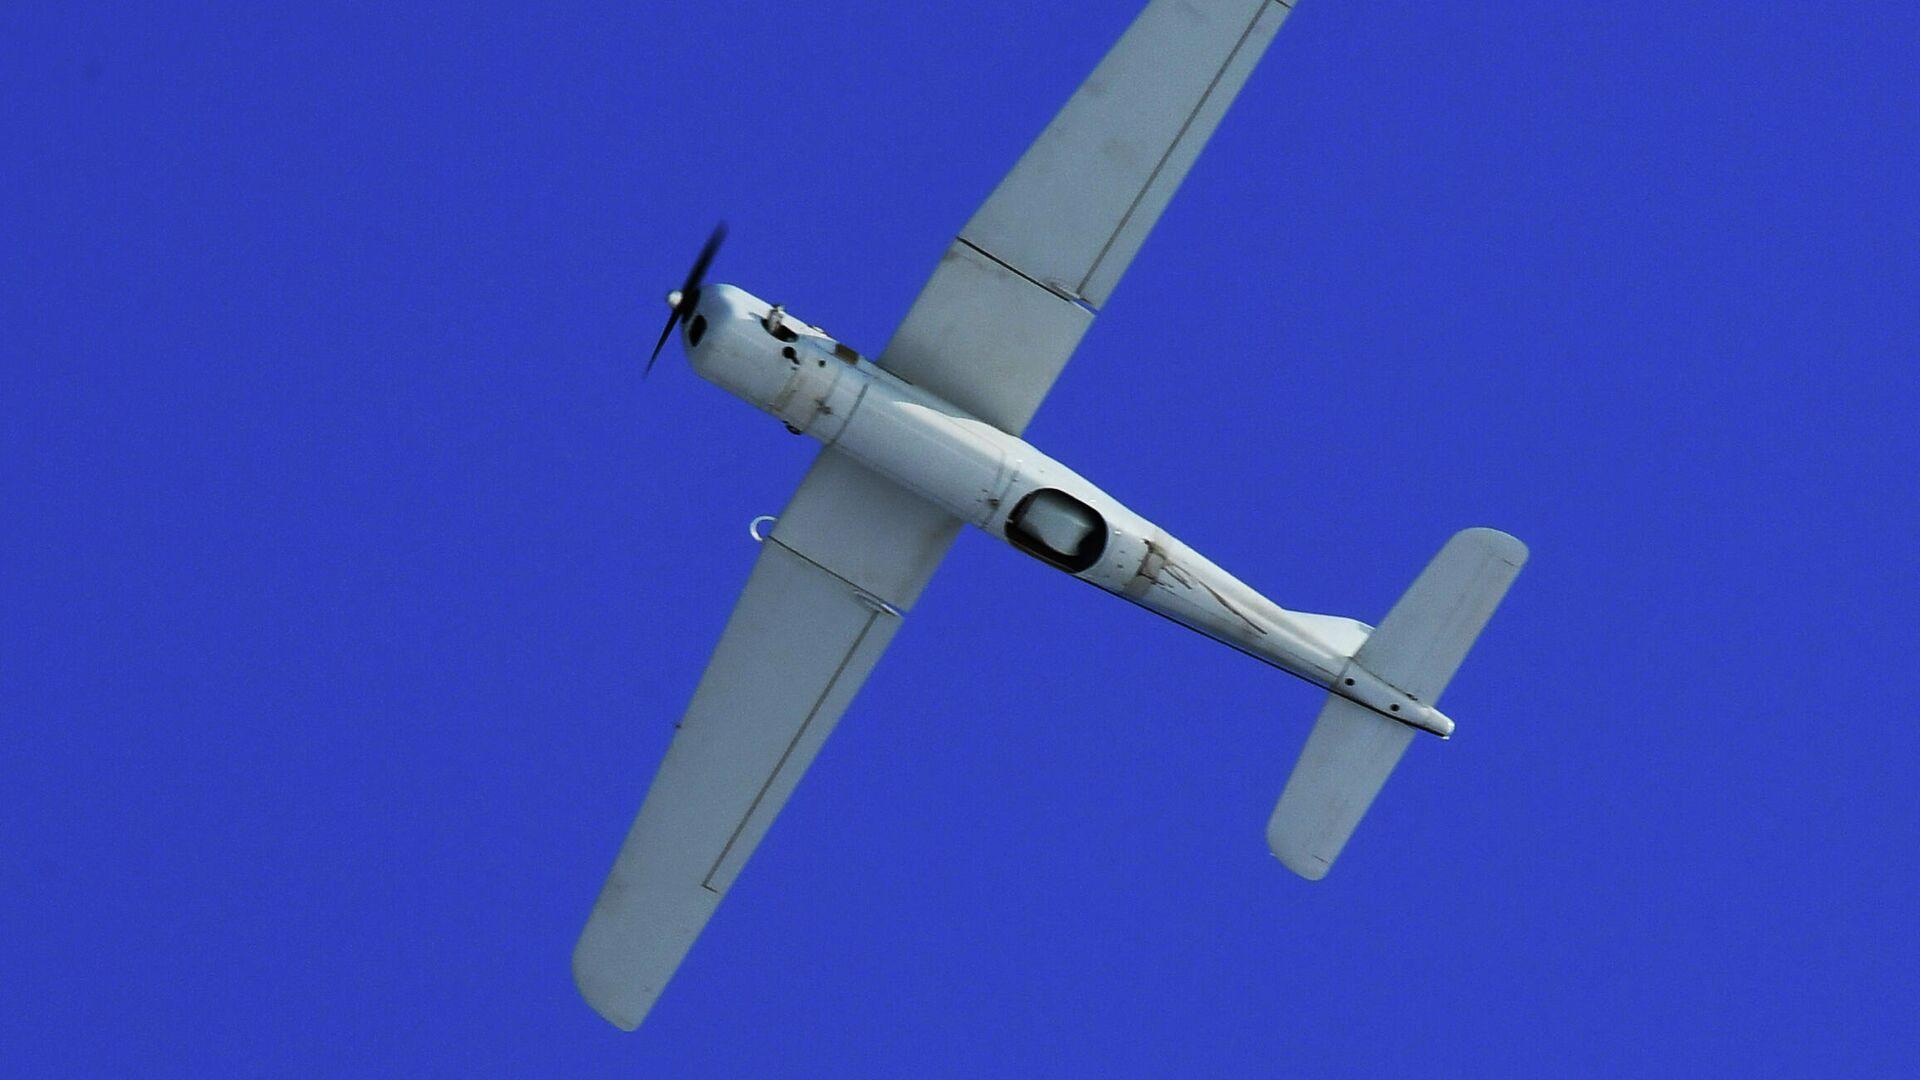 Un vehículo aéreo no tripulados de alta velocidad - Sputnik Mundo, 1920, 10.03.2021